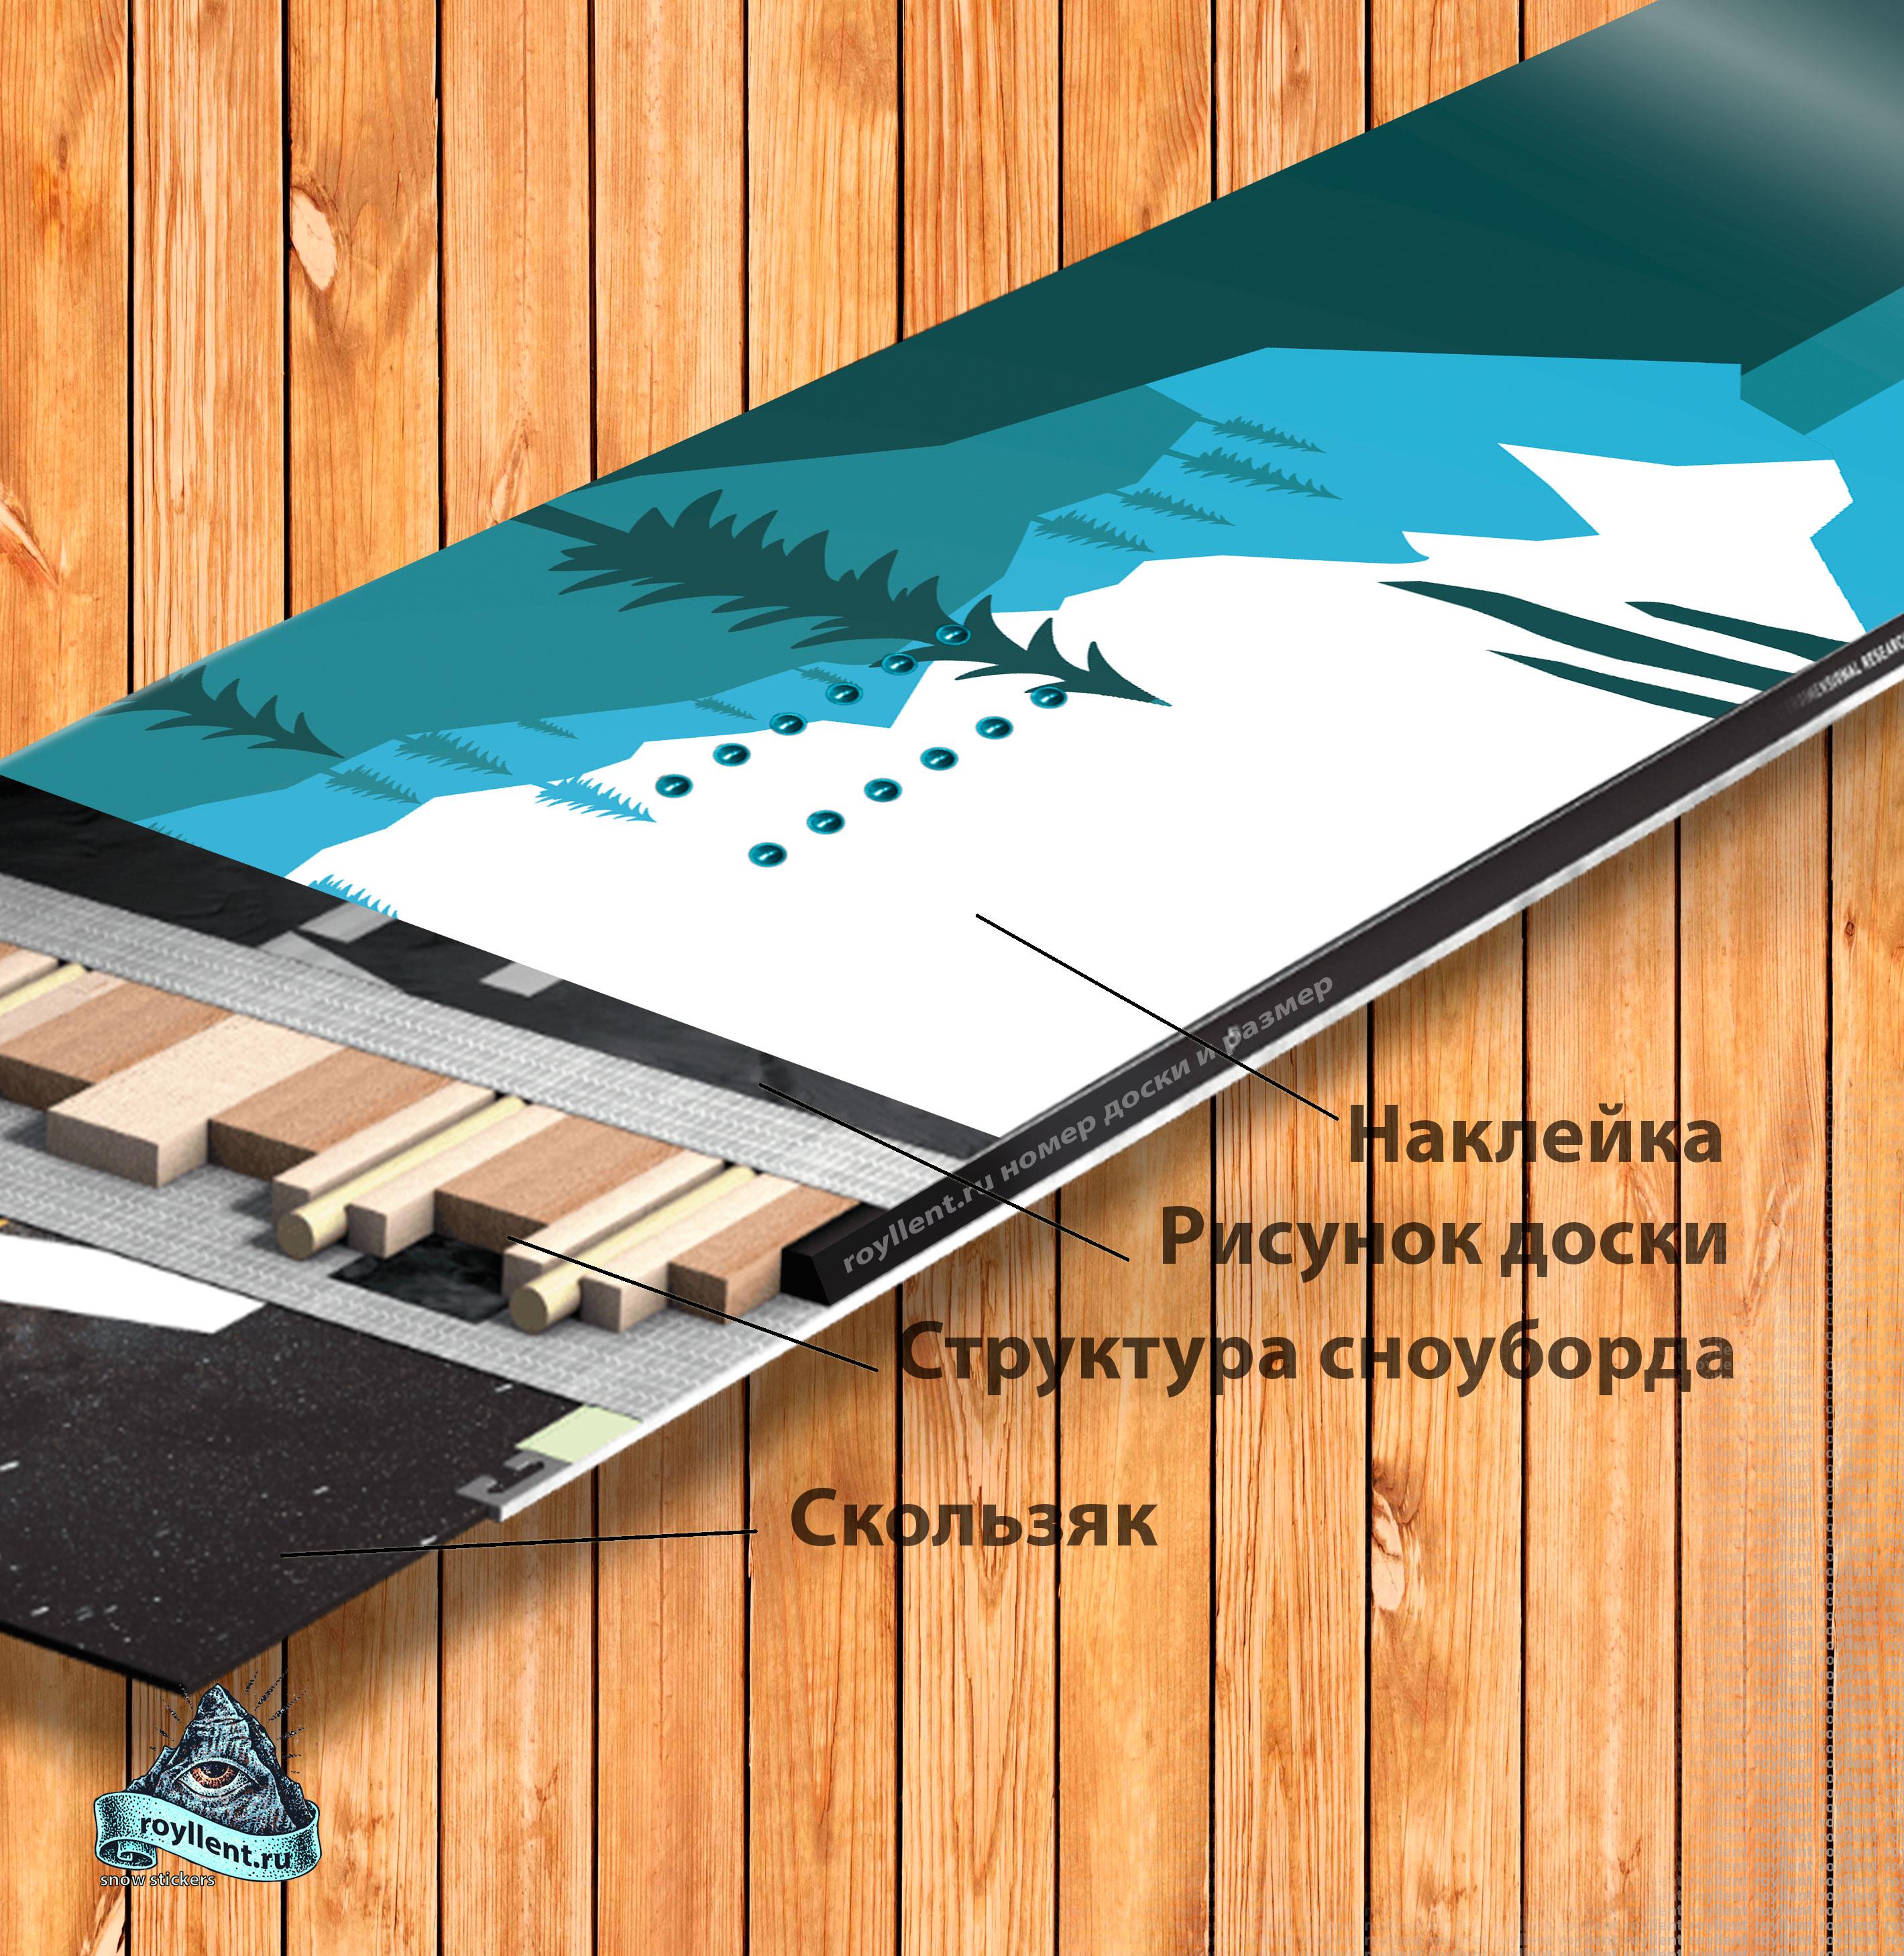 Купить наклейку на лыжи в интернет магазине недорого с доставкой